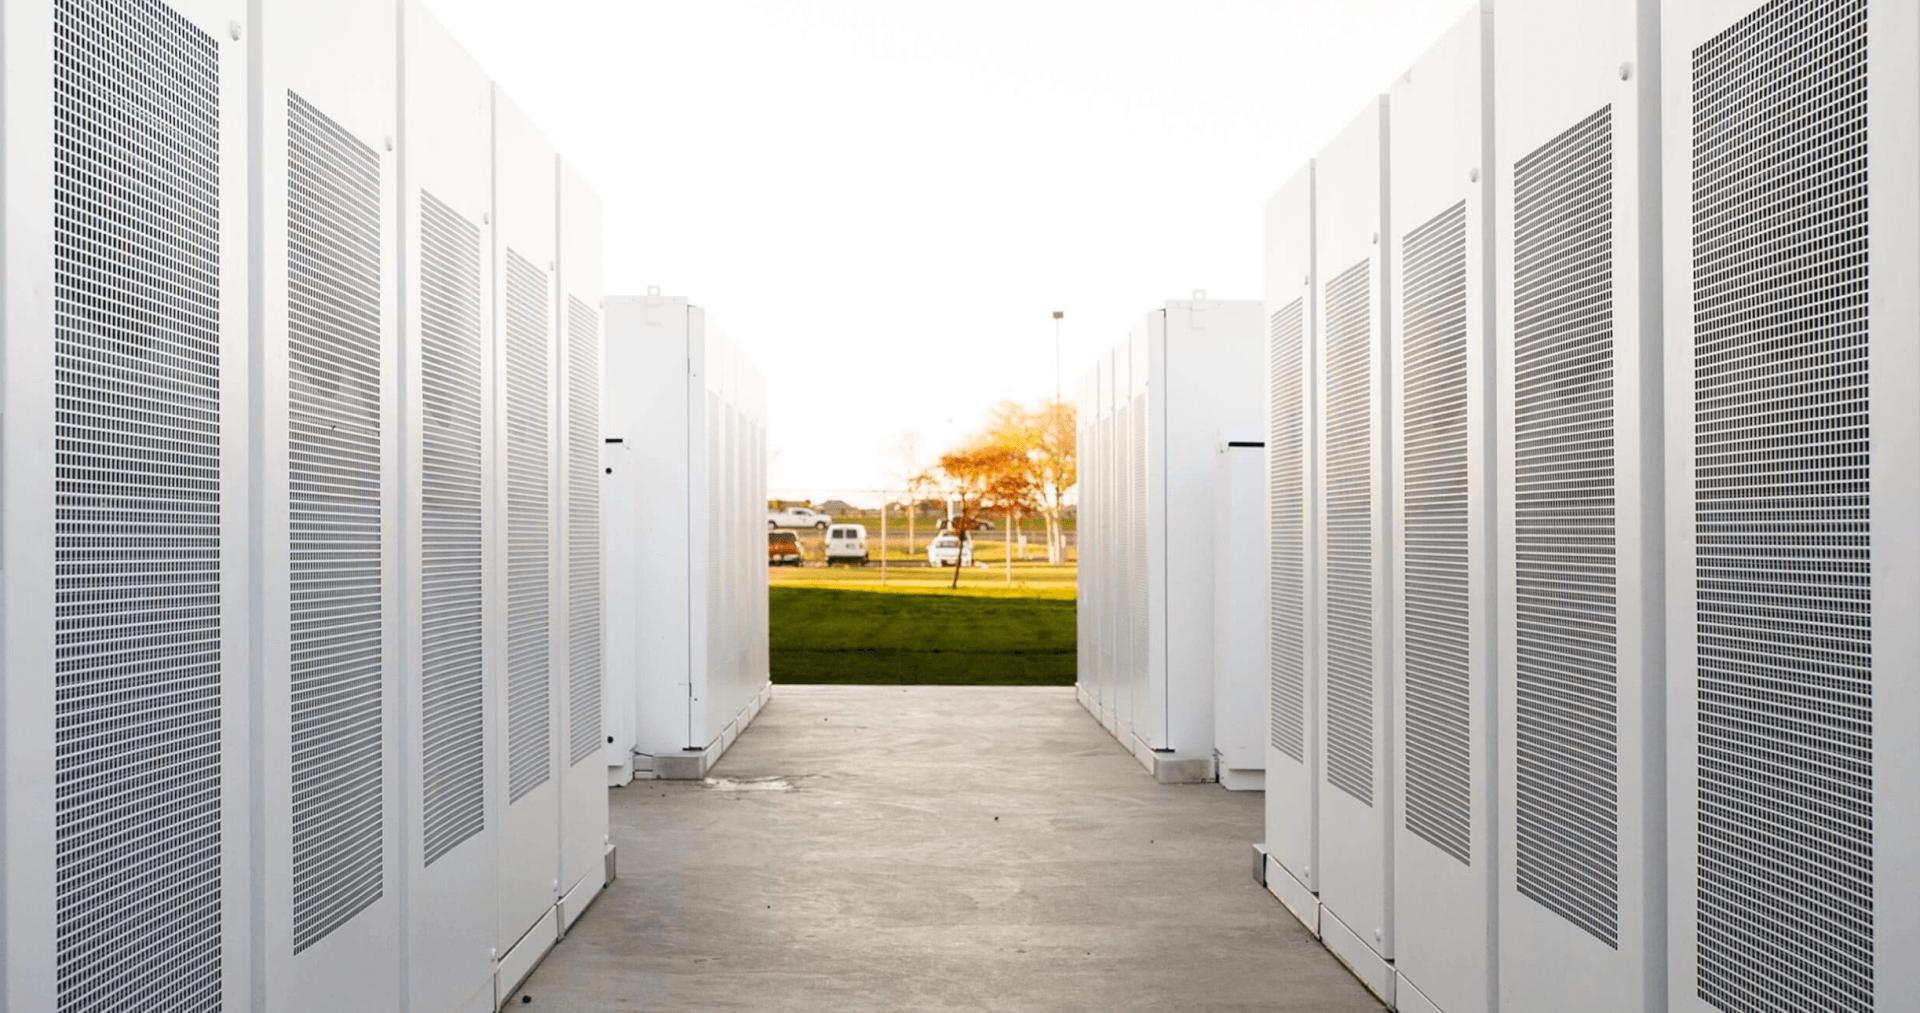 Elons Musk: sistemo la rete elettrica australiana in 100 giorni, se no lo faccio gratis. L'energia solare è sempre più una realtà concreta.